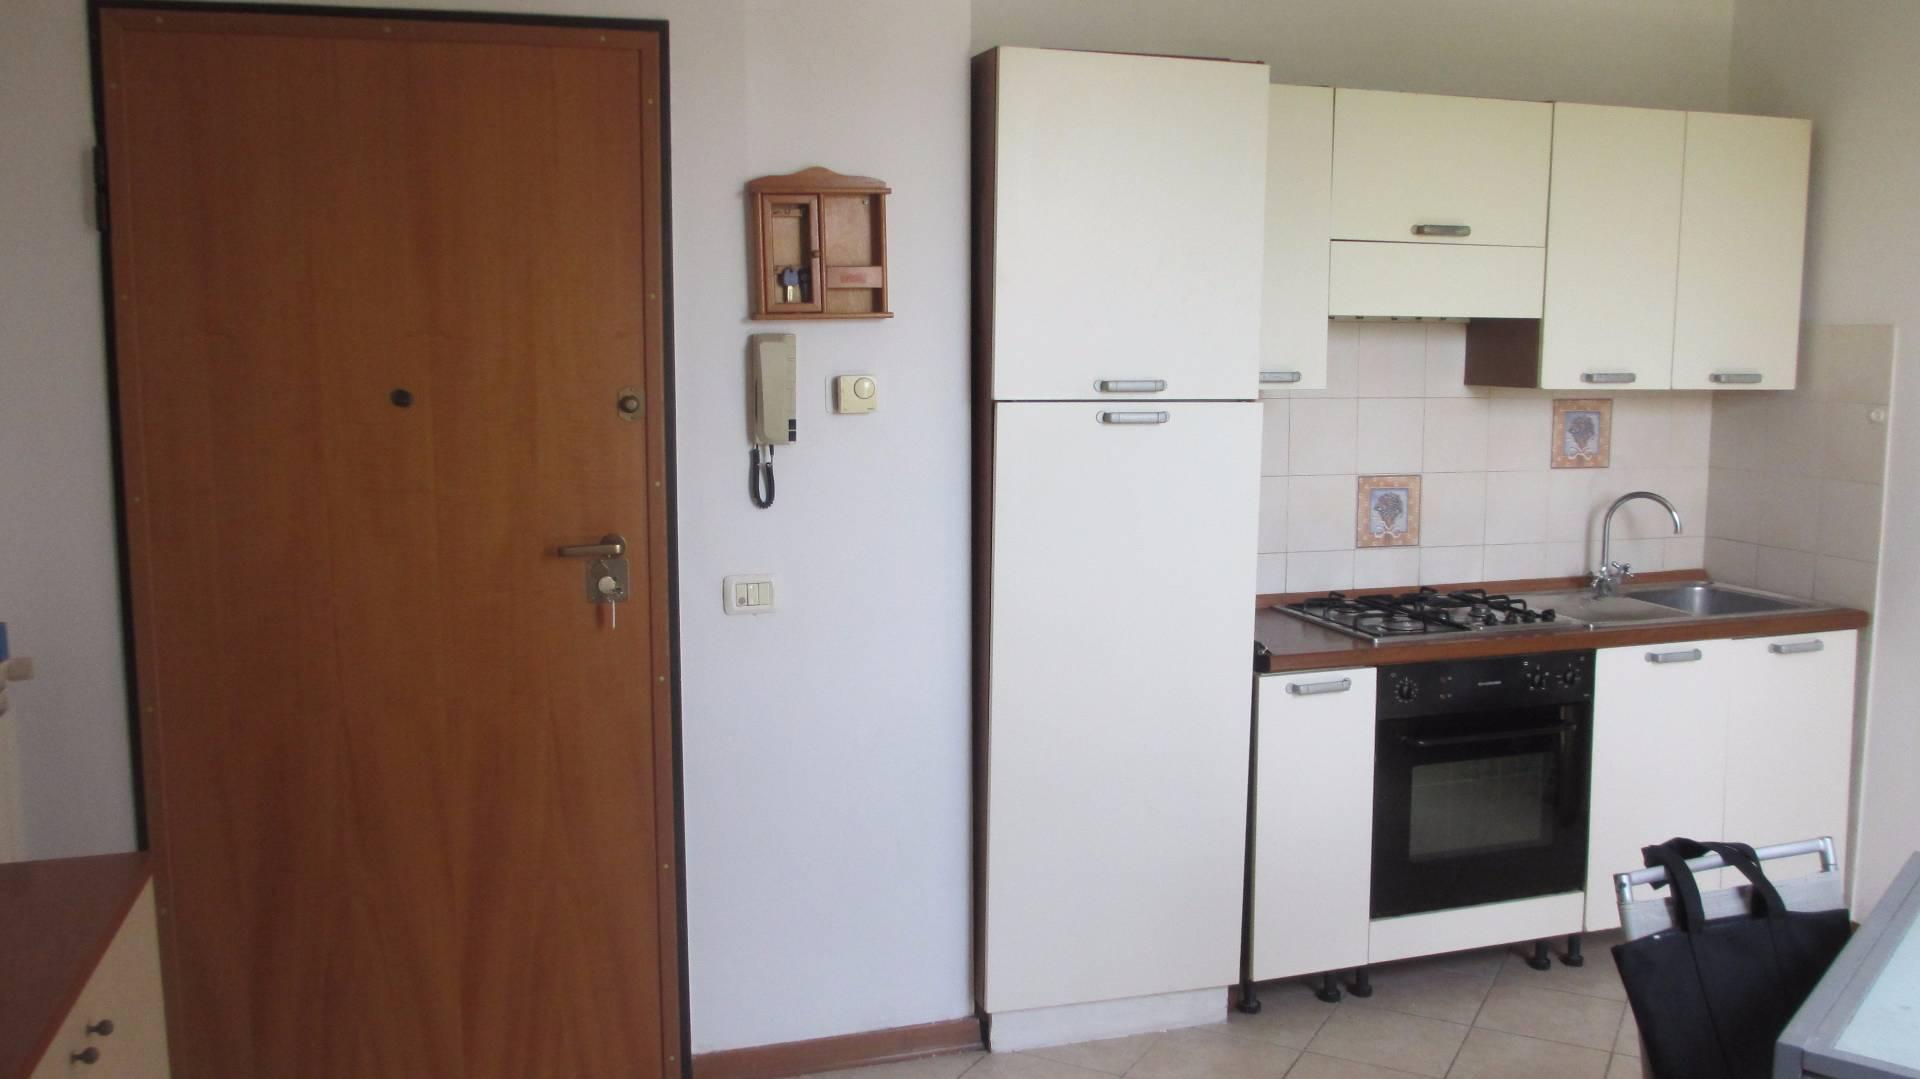 Appartamento in affitto a Capraia e Limite, 2 locali, zona Località: LimitesullArno, prezzo € 450 | CambioCasa.it